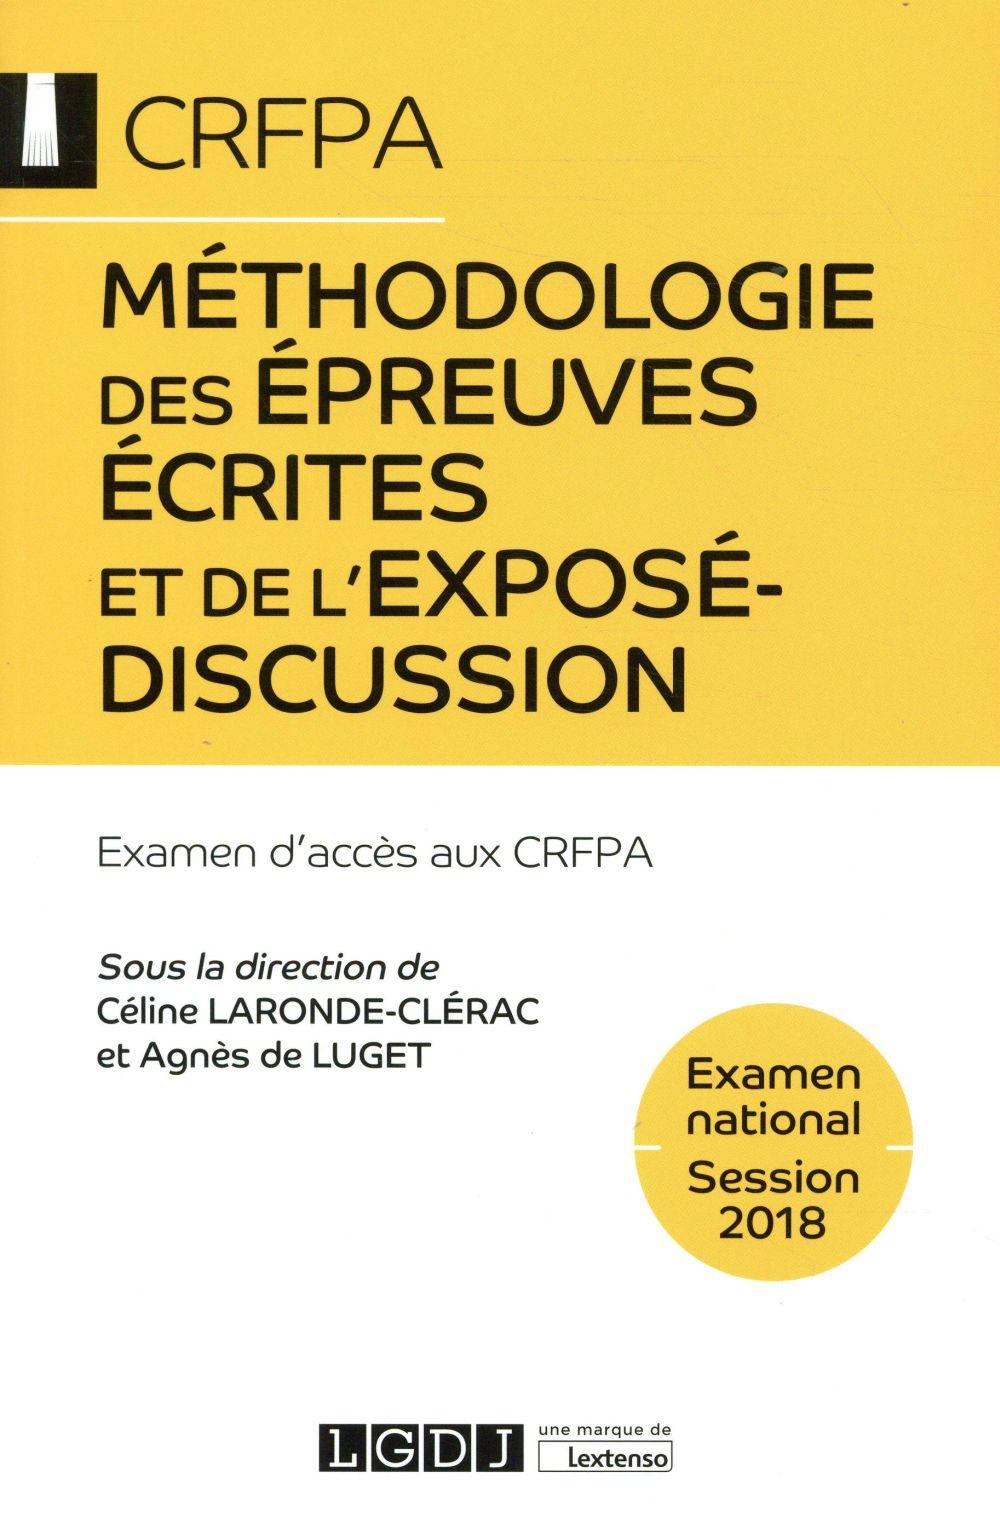 Méthodologie des épreuves écrites et de l'exposé-discussion ; CRFPA, examen national (édition 2018)